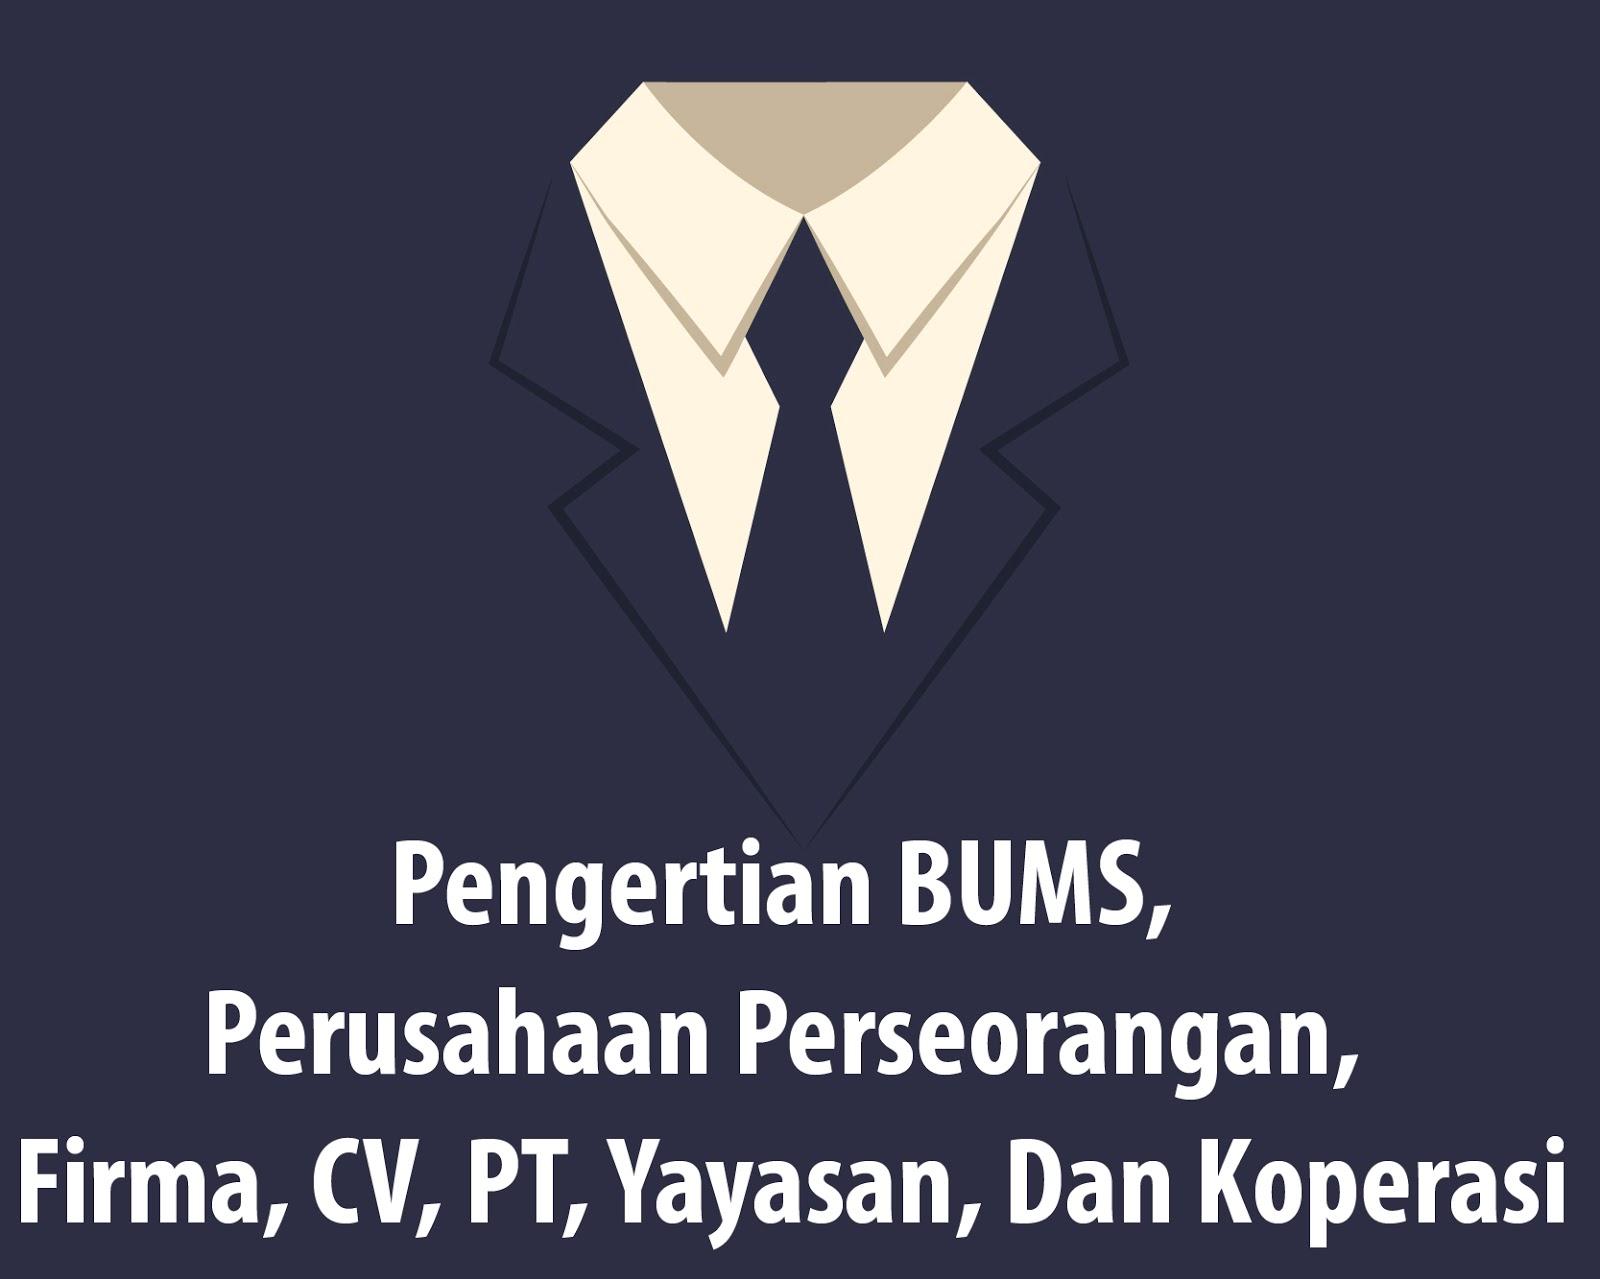 Pengertian BUMS, Perusahaan Perseorangan, Firma, CV, PT